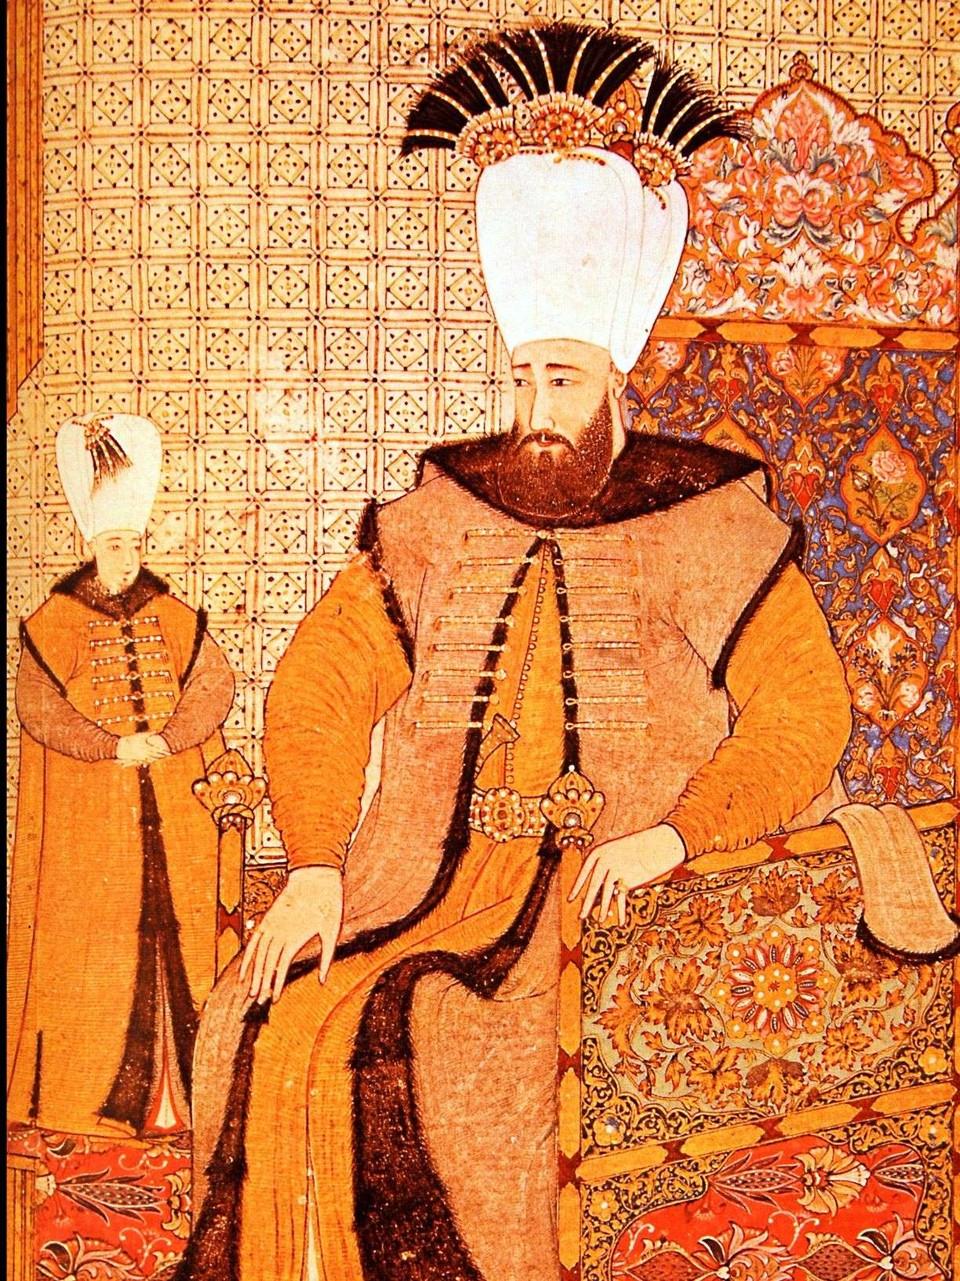 Eine ganz andere Welt erwartete Matthias Faller in der Großstadt Konstantinopel, wo der Sultan ihm Zutritt zum Palast gewährte. Dieses Bild zeigt einen Herrscher aus dem Orient.